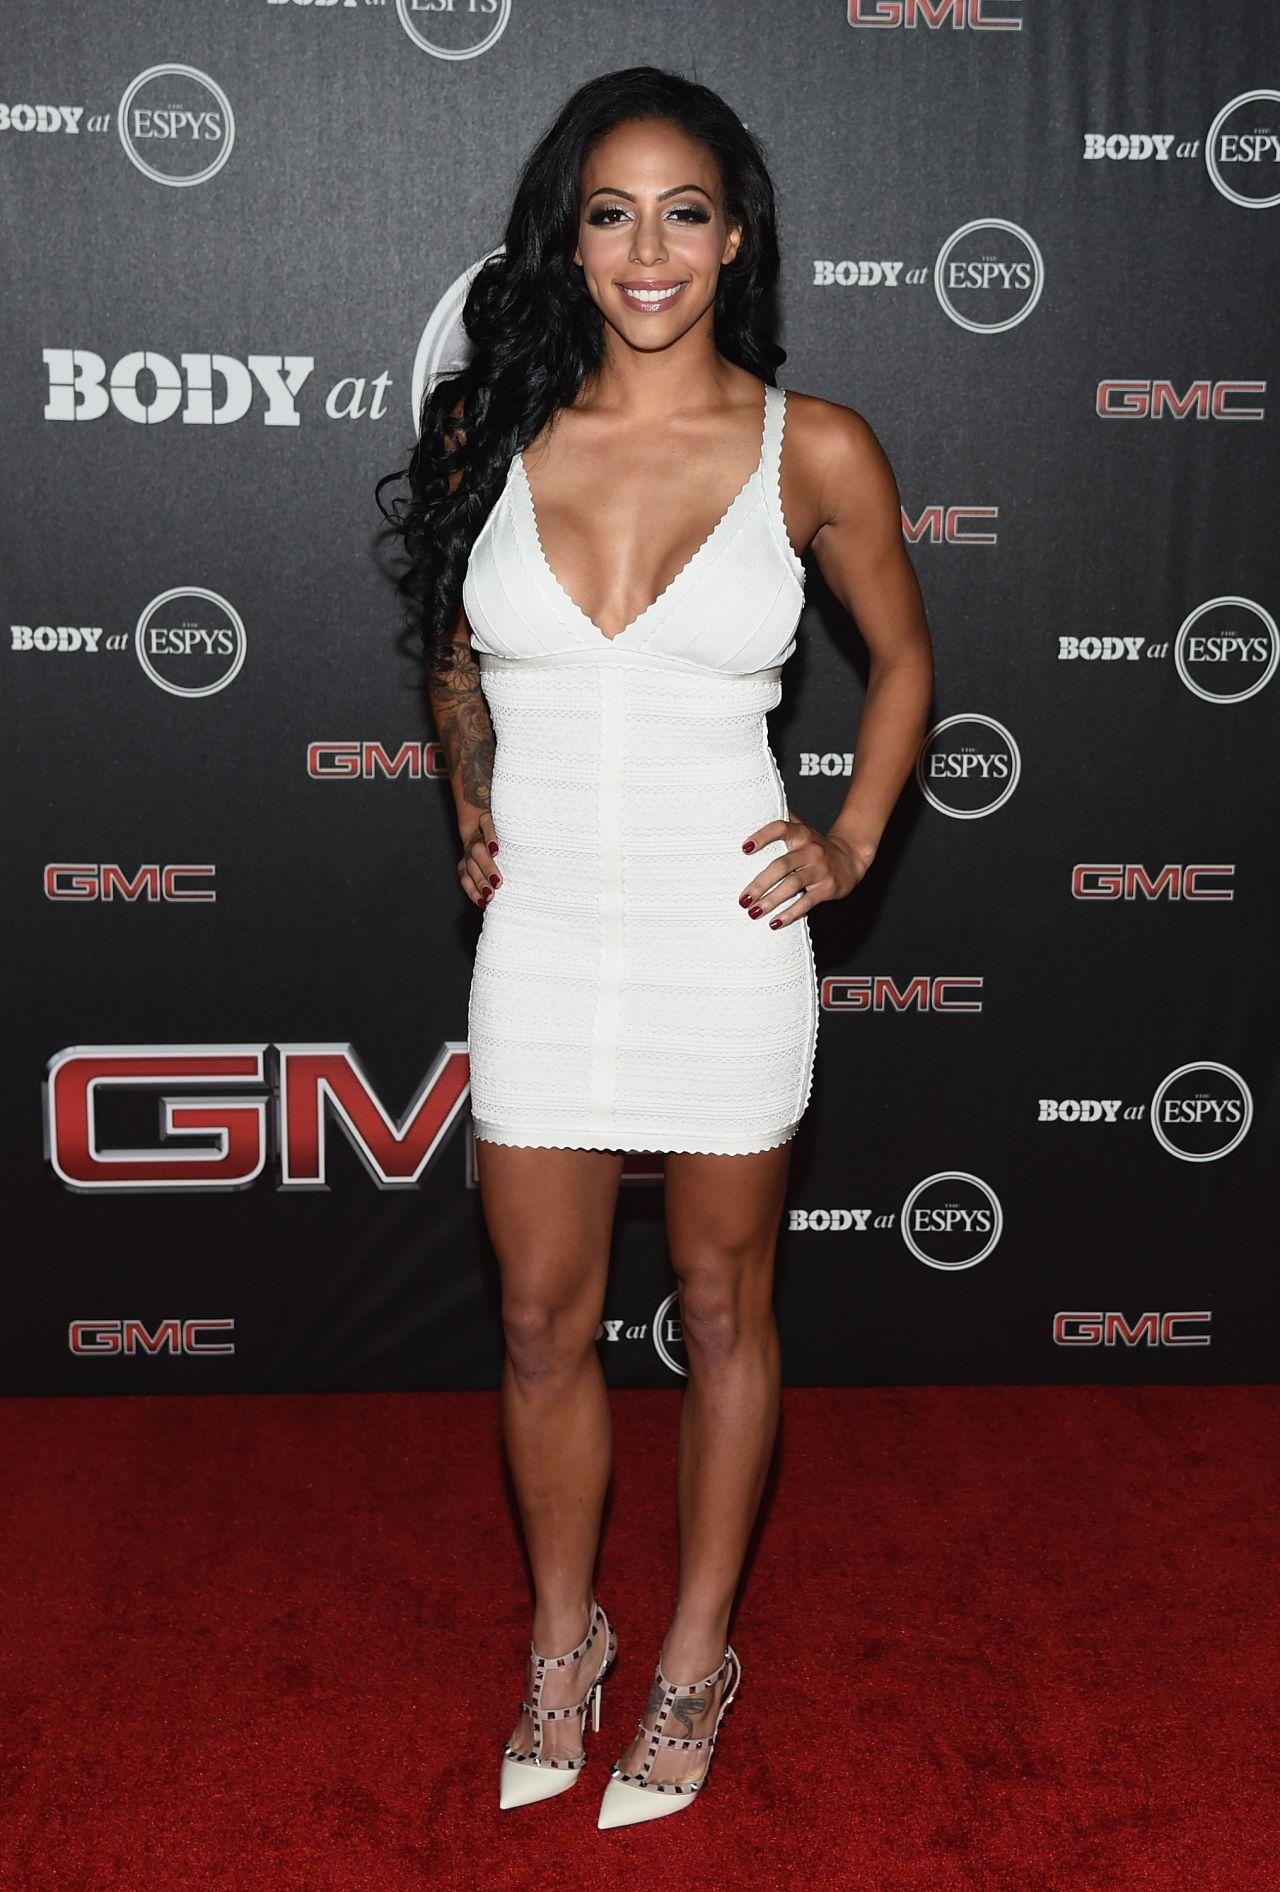 Sydney Leroux - ESPN Presents Body At ESPYs 2014